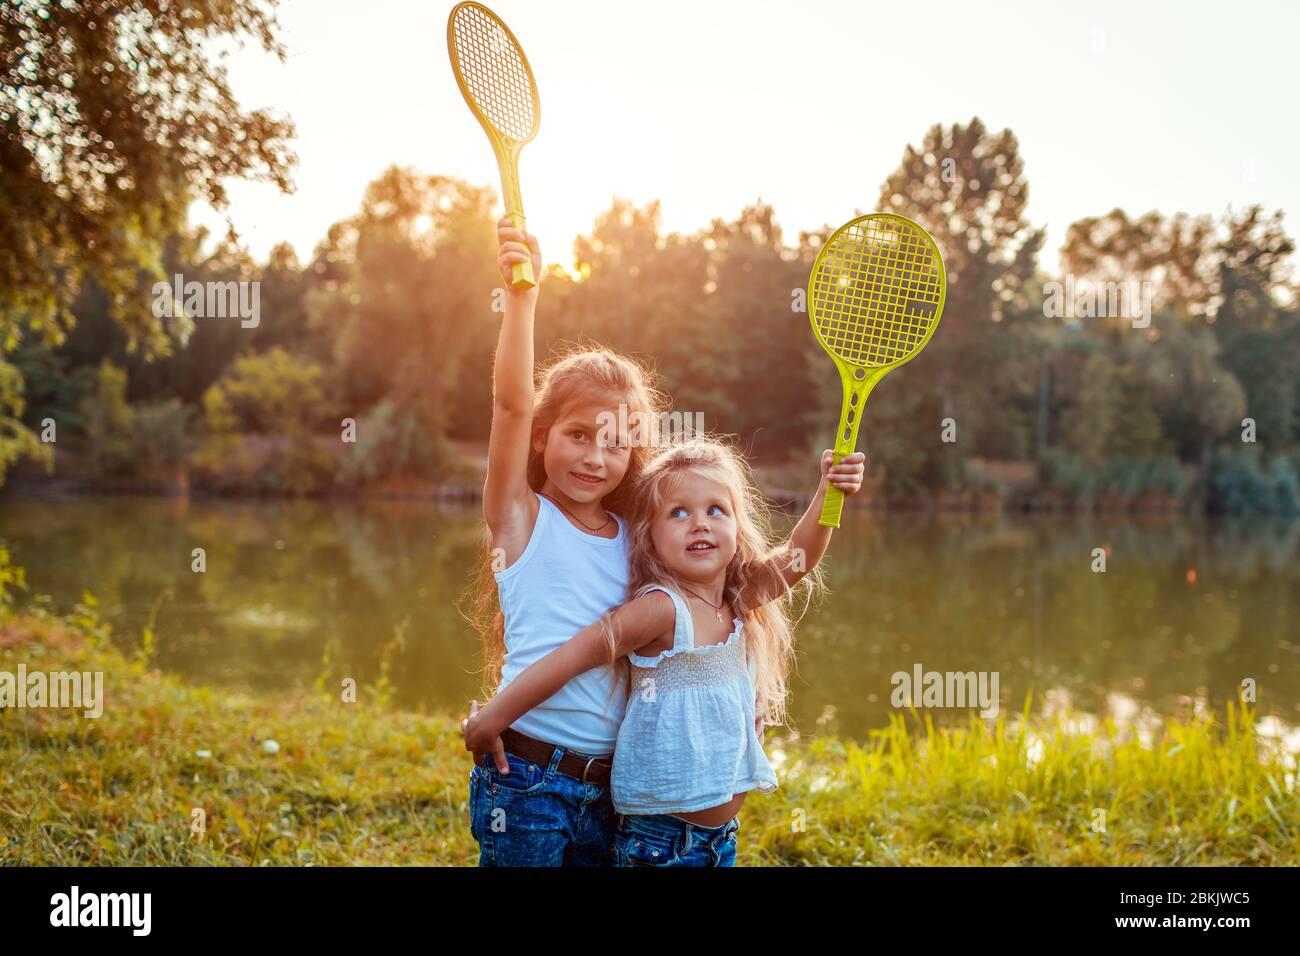 Ragazze che si divertono all'aperto dopo aver giocato badminton. Le sorelle sollevano le racchette nel parco primaverile. Attività per bambini Foto Stock